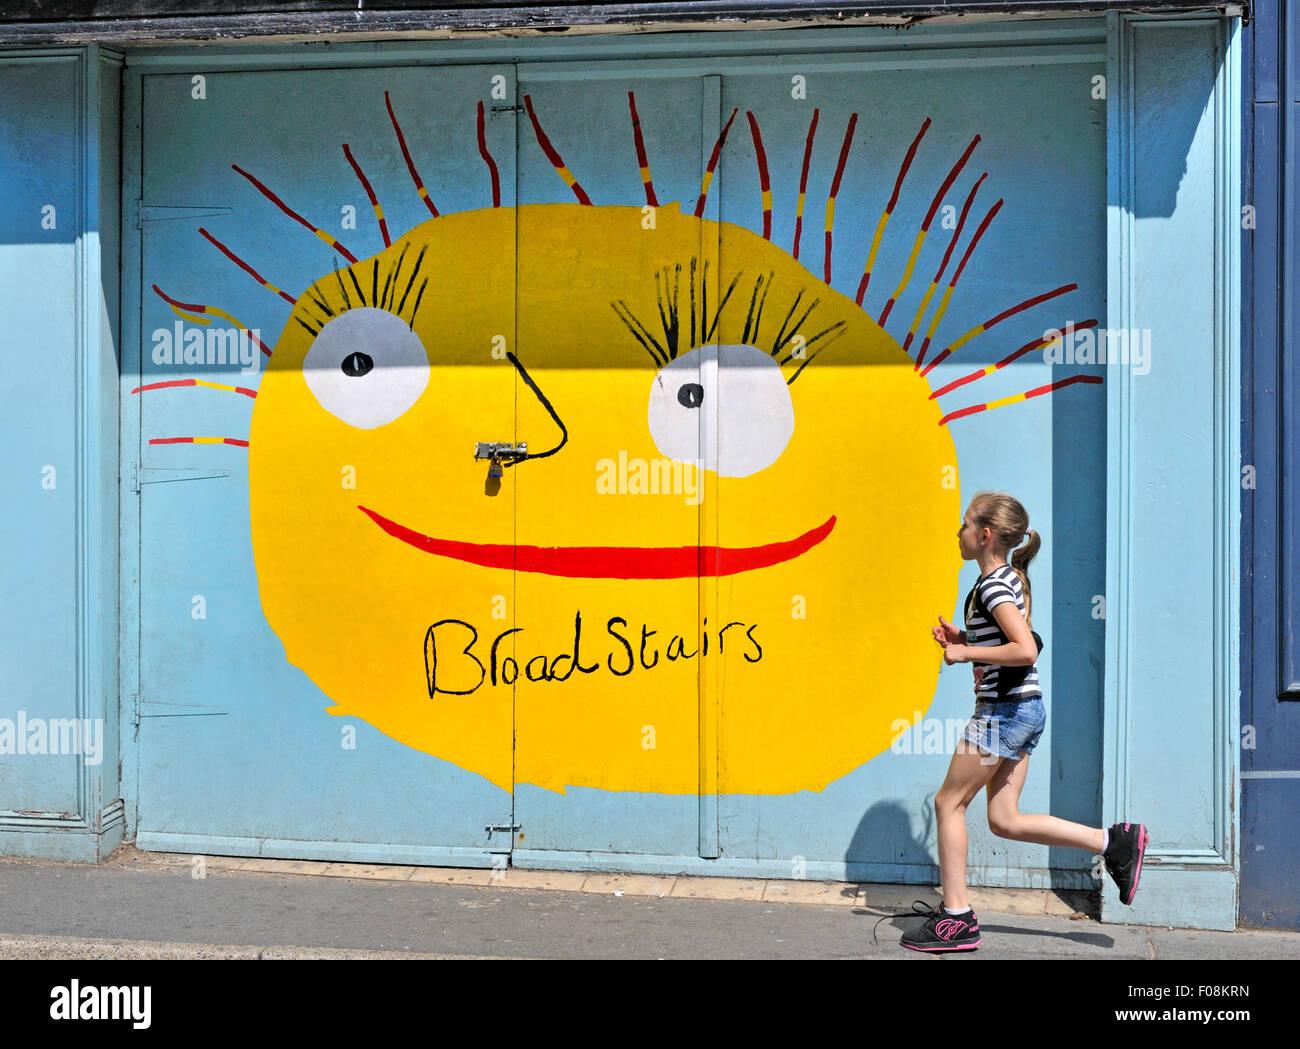 Broadstairs, Kent, Inglaterra, Reino Unido. Niña ejecutando pasado una tienda pintada en la calle alta Imagen De Stock